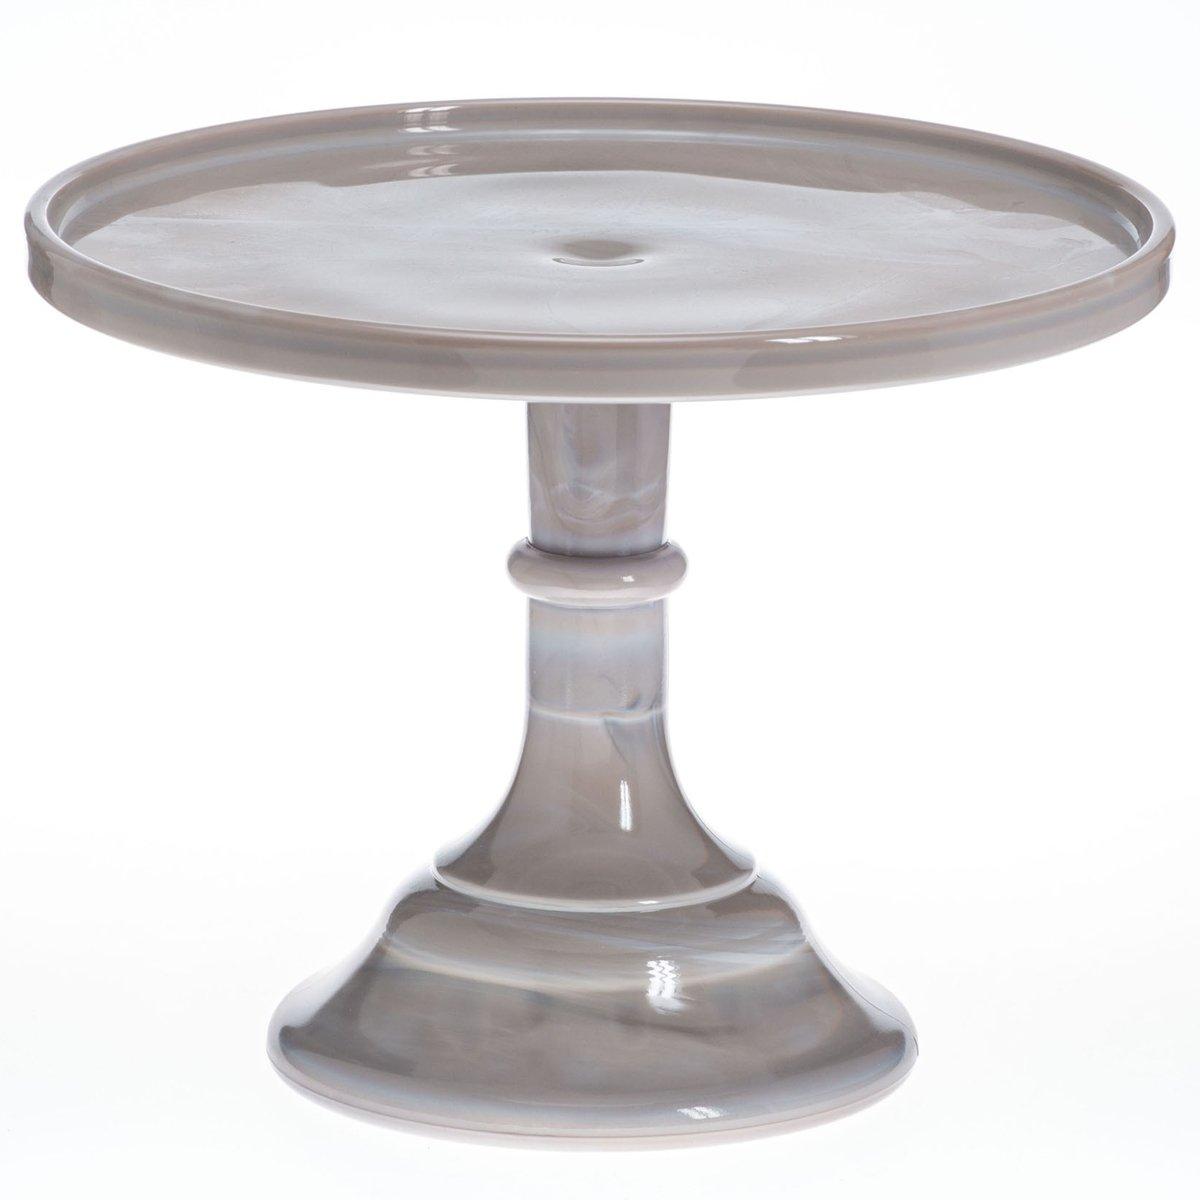 25 4 Cm Marmor Milch Glas Kuchen Stander Amazon De Kuche Haushalt